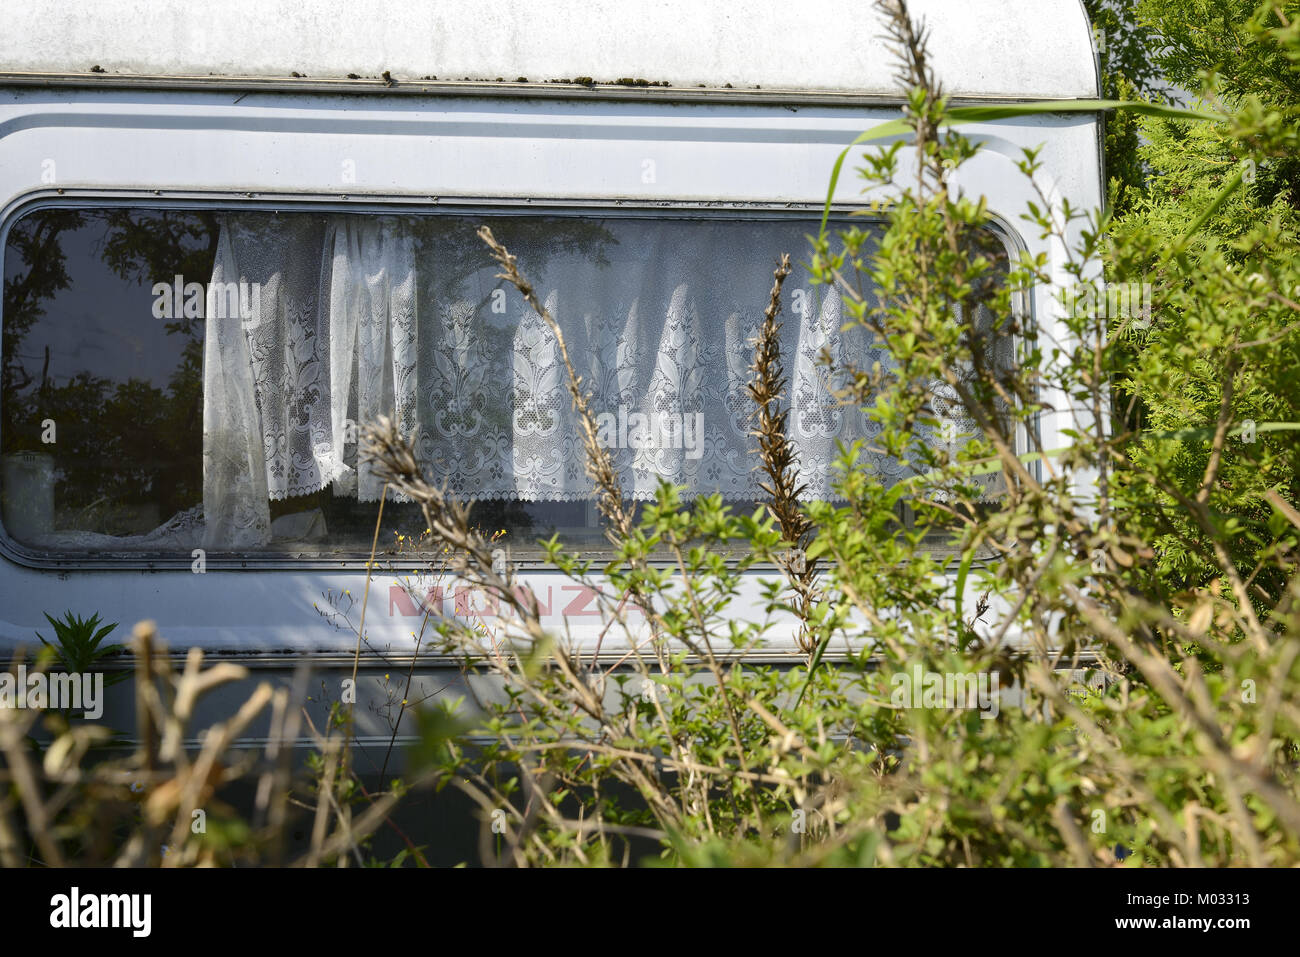 4037 / Leerstehendes Wohnwagen à Berlin Neukoelln: Deutschland, Berlin Neukoelln,, Allemagne, 15.06.2010 - J.A.Fischer Banque D'Images